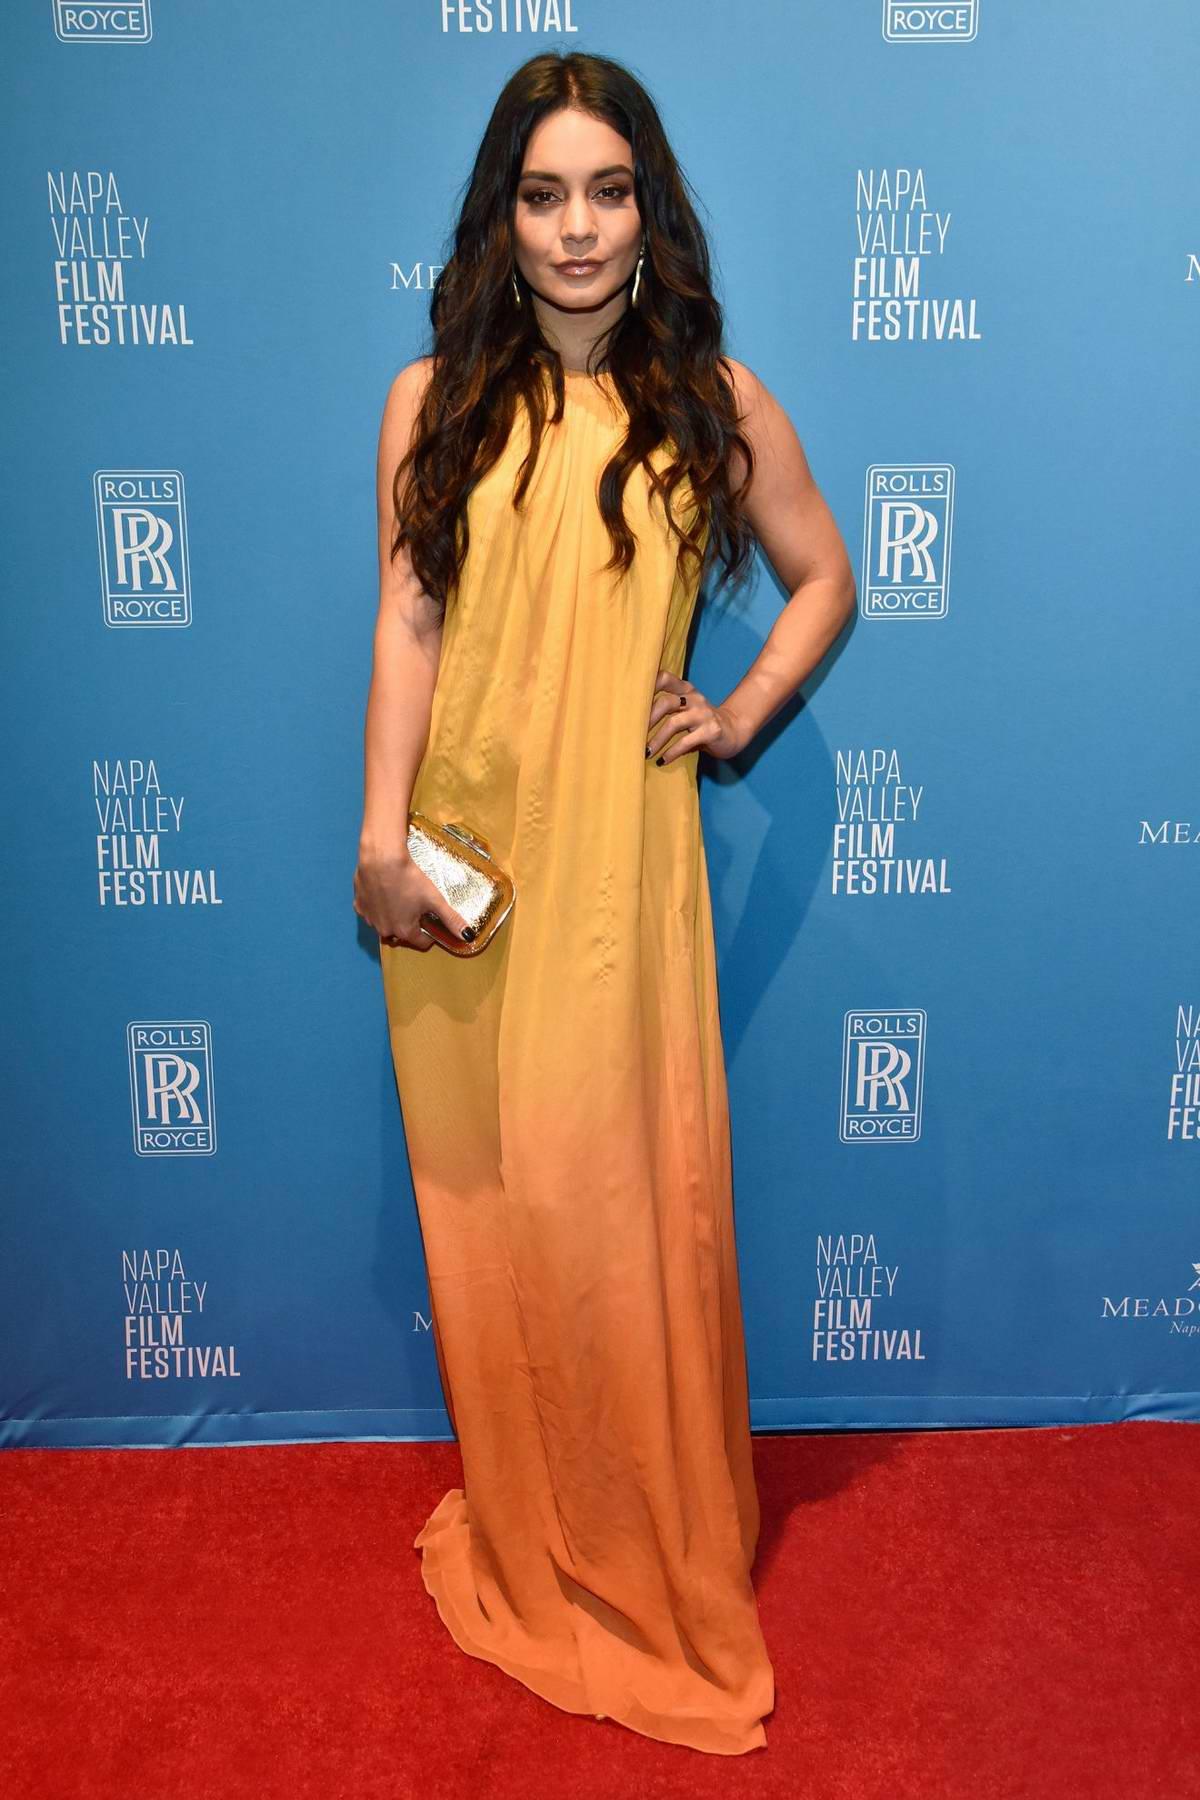 Vanessa Hudgens attends the Napa Valley Film Festival in Yountville, California